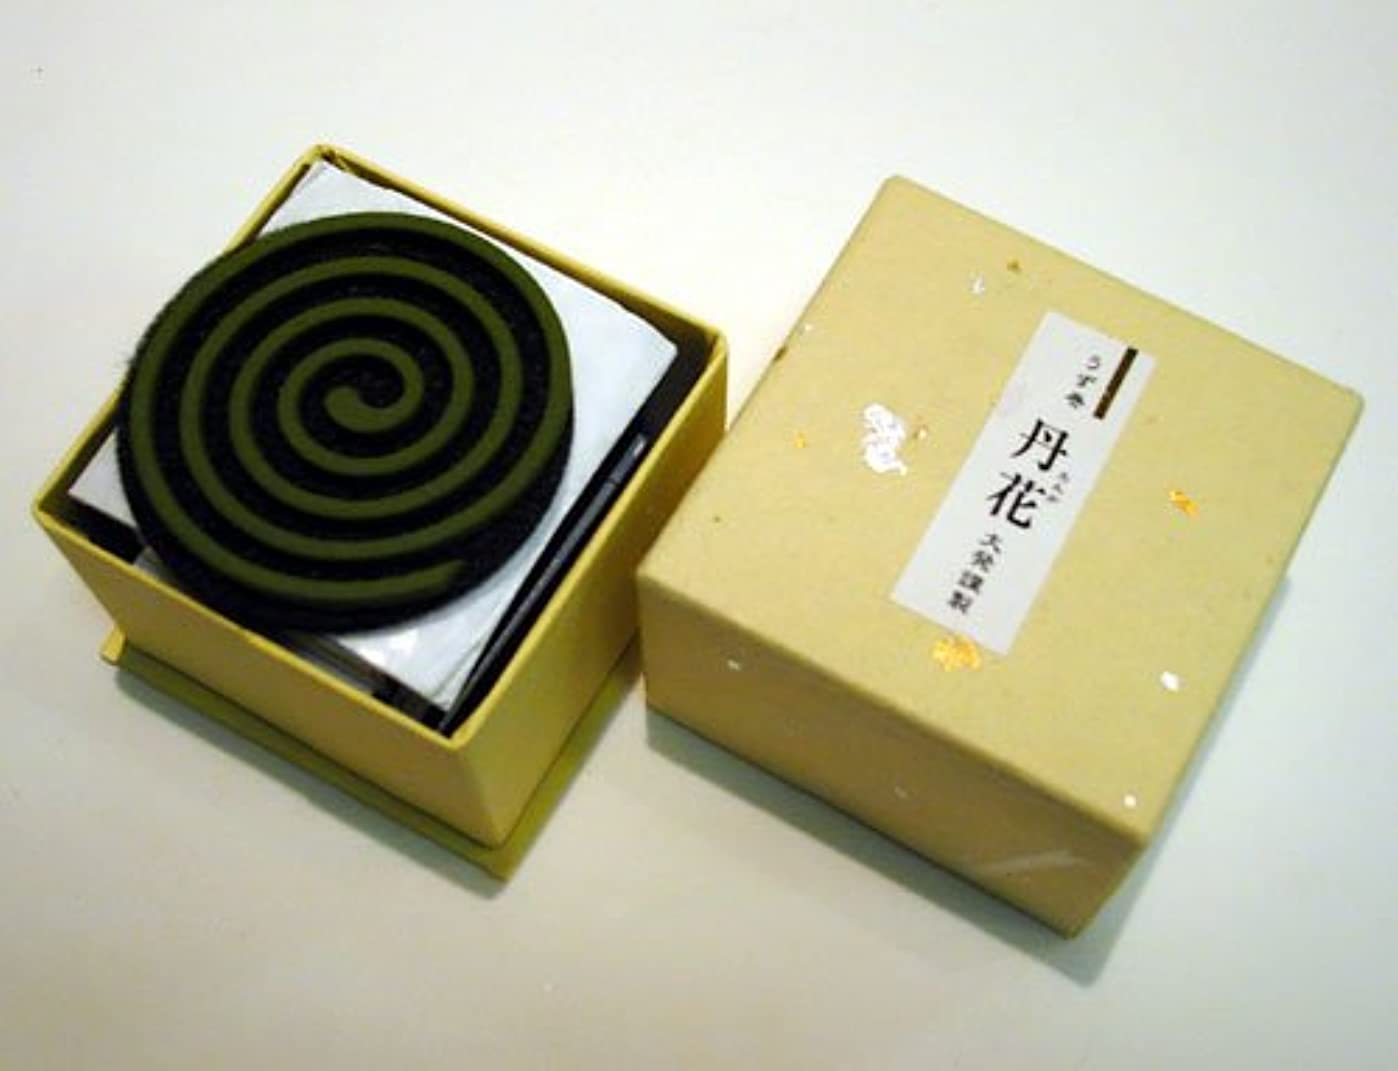 責魔法メーカー爽快でゴージャスな香り 「うず巻丹花(たんか) 特選 」 大発【お香】